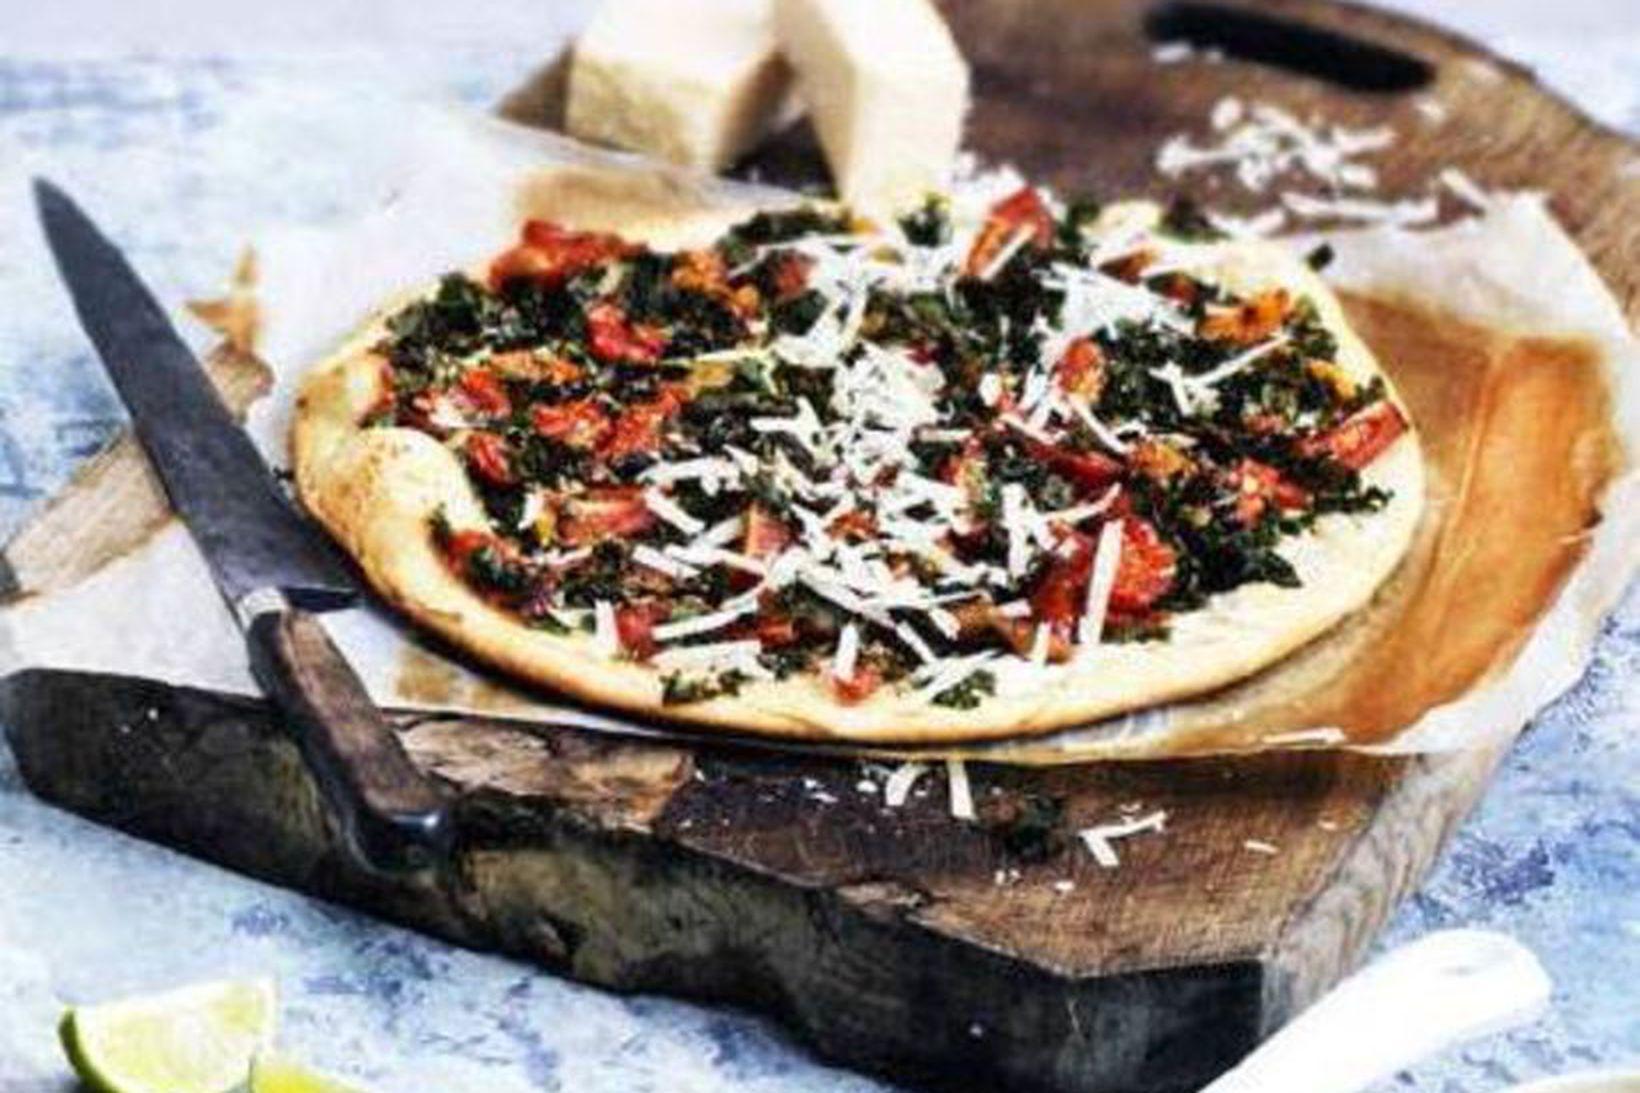 Pizza með grænkáli og ricotta kemur skemmtilega á óvart.